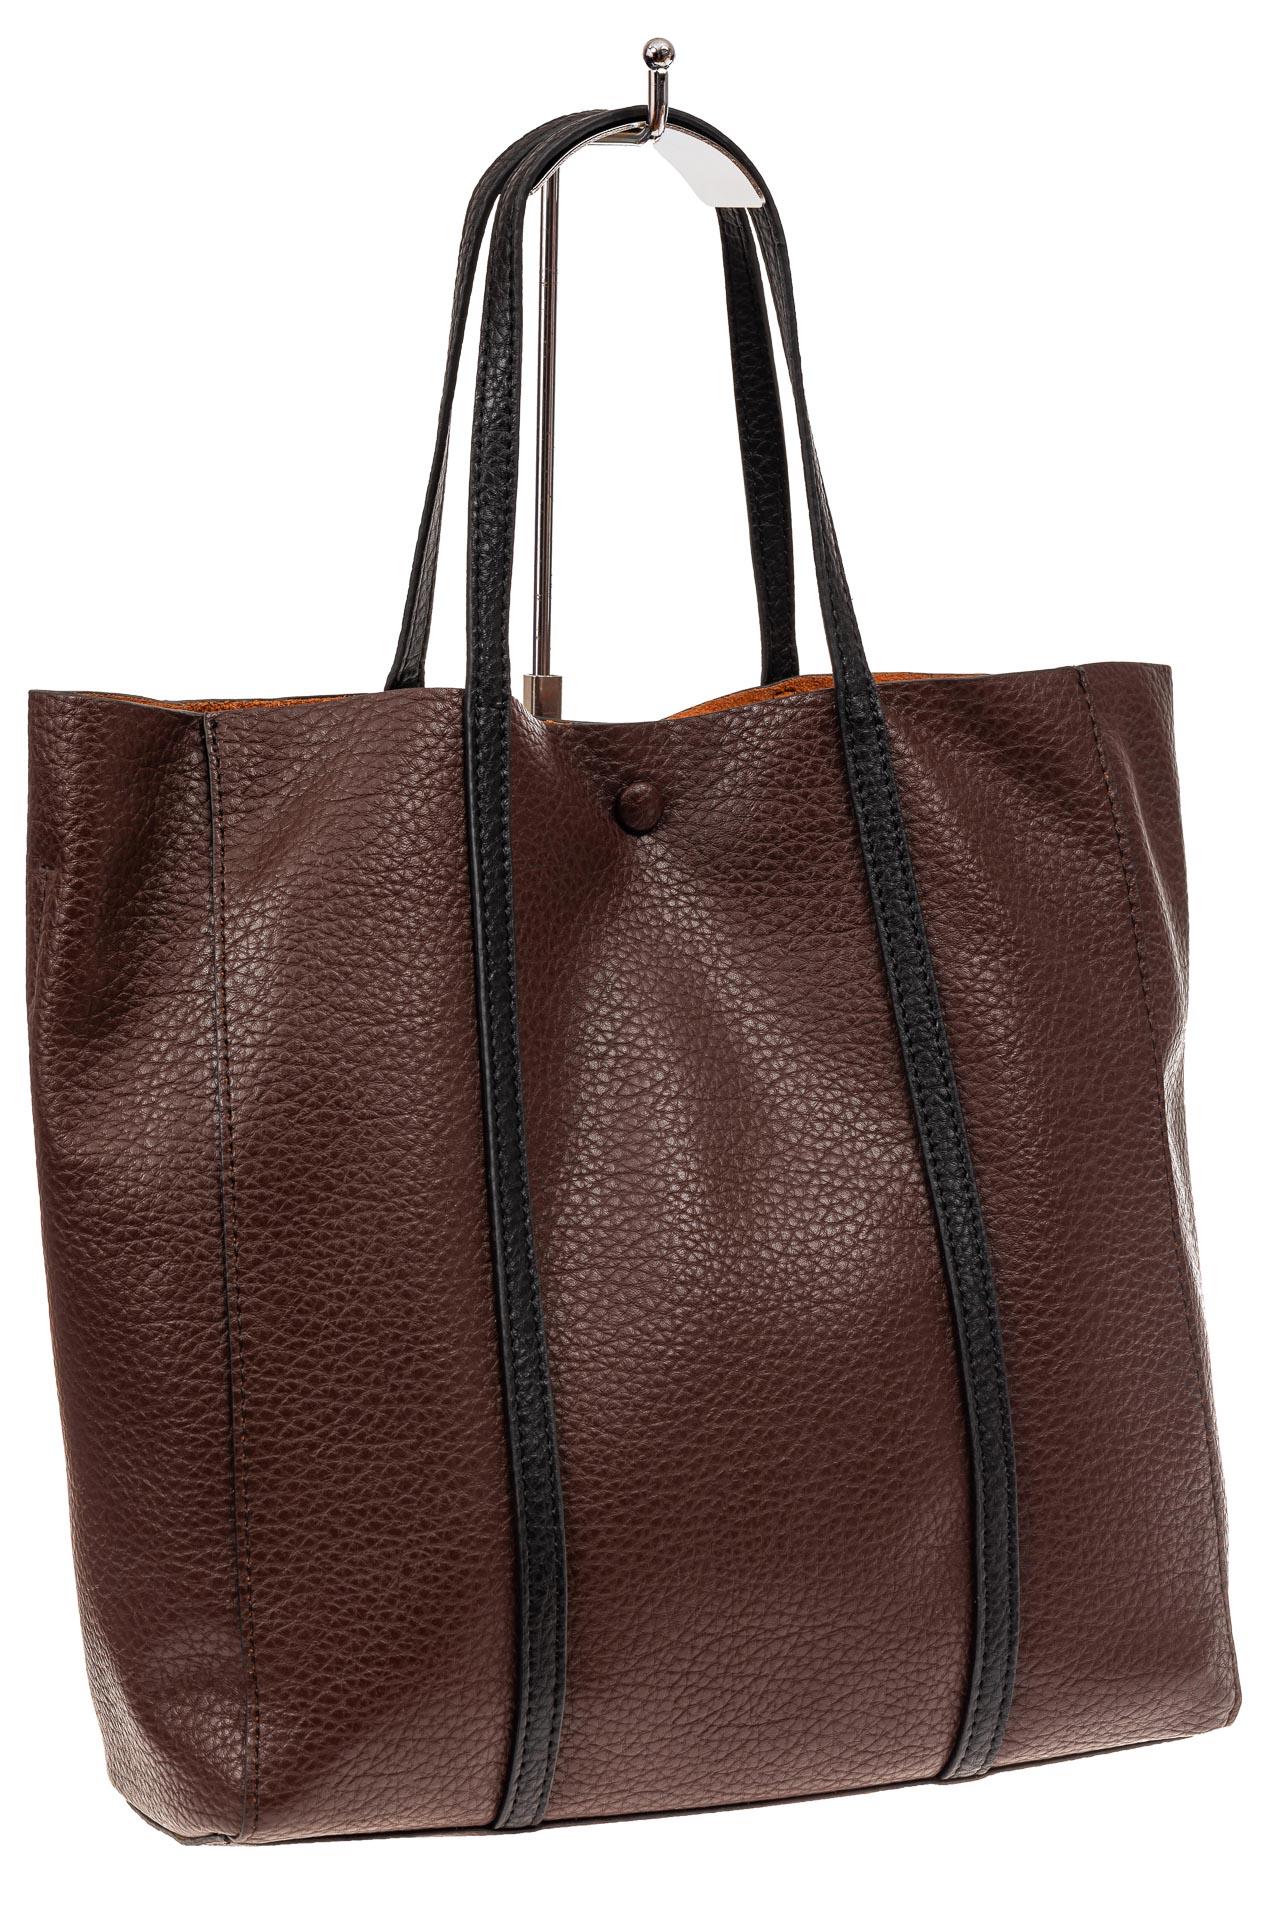 Сумка женская шоппер из натуральной кожи, цвет коричневый882NK1219/8